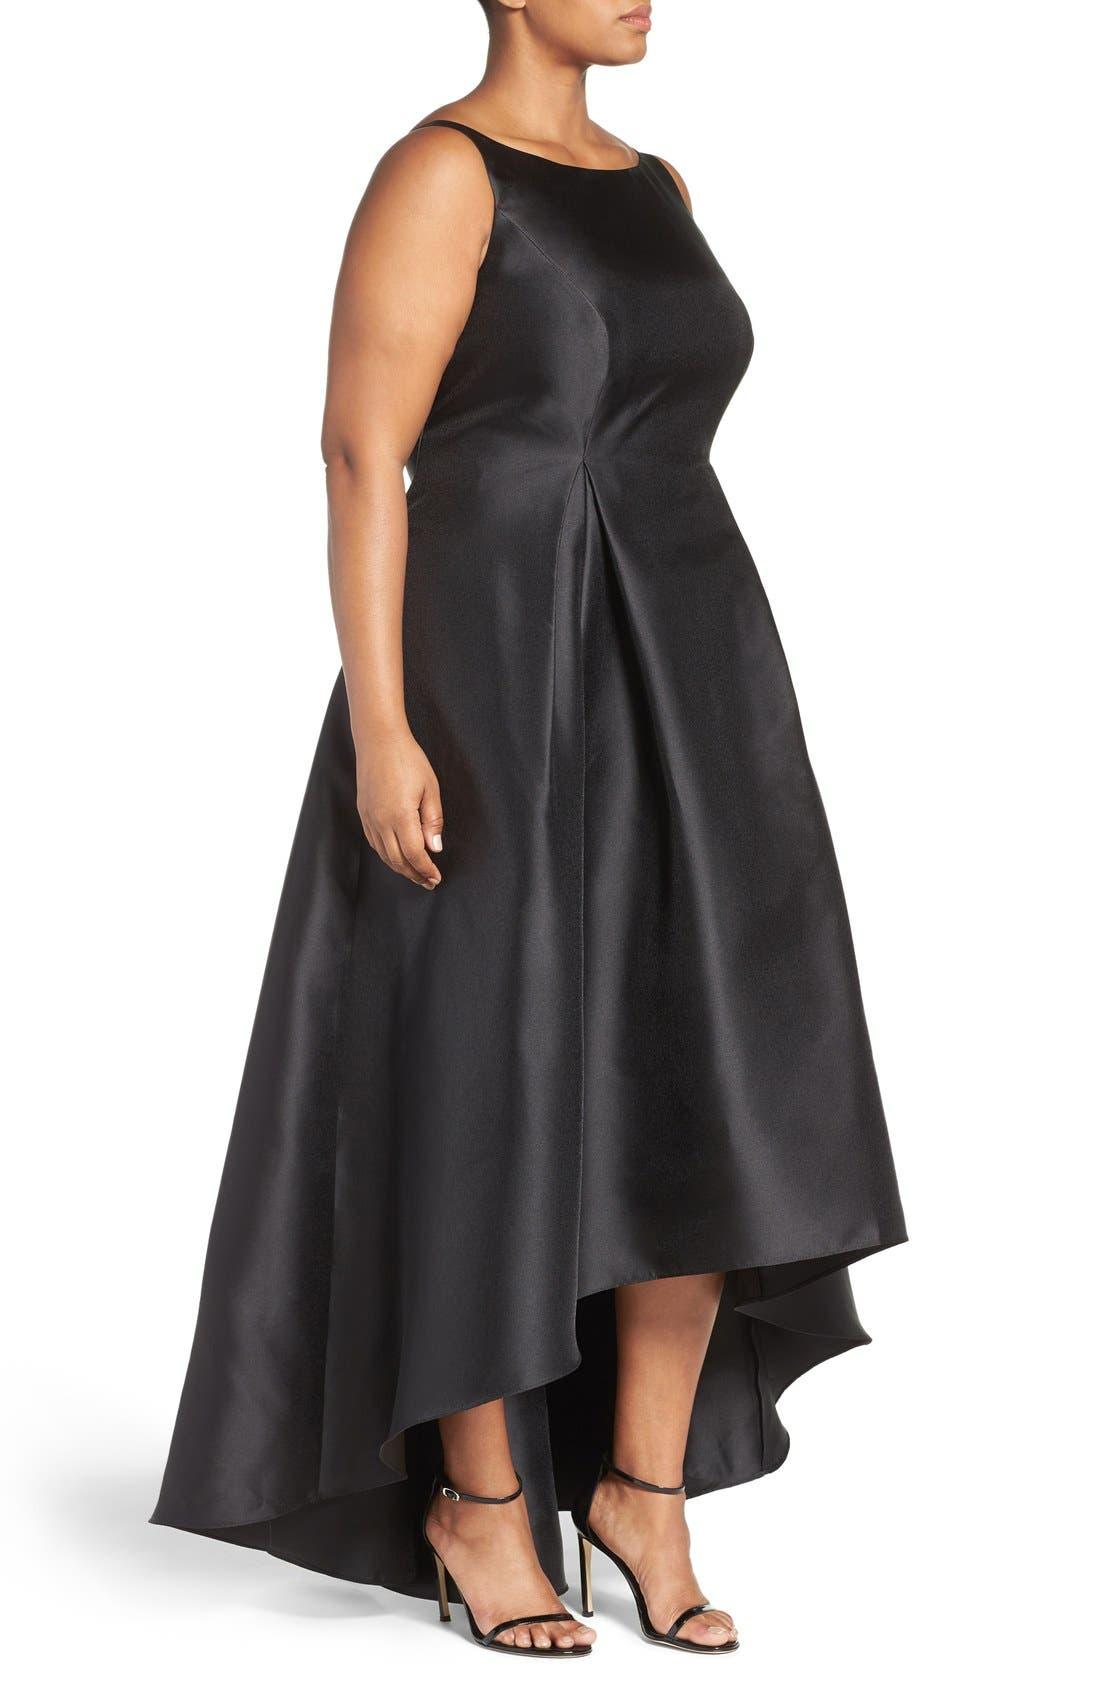 Alternate Image 3  - Adrianna Papell Arcadia Sleeveless High/Low Mikado Ballgown (Plus Size)